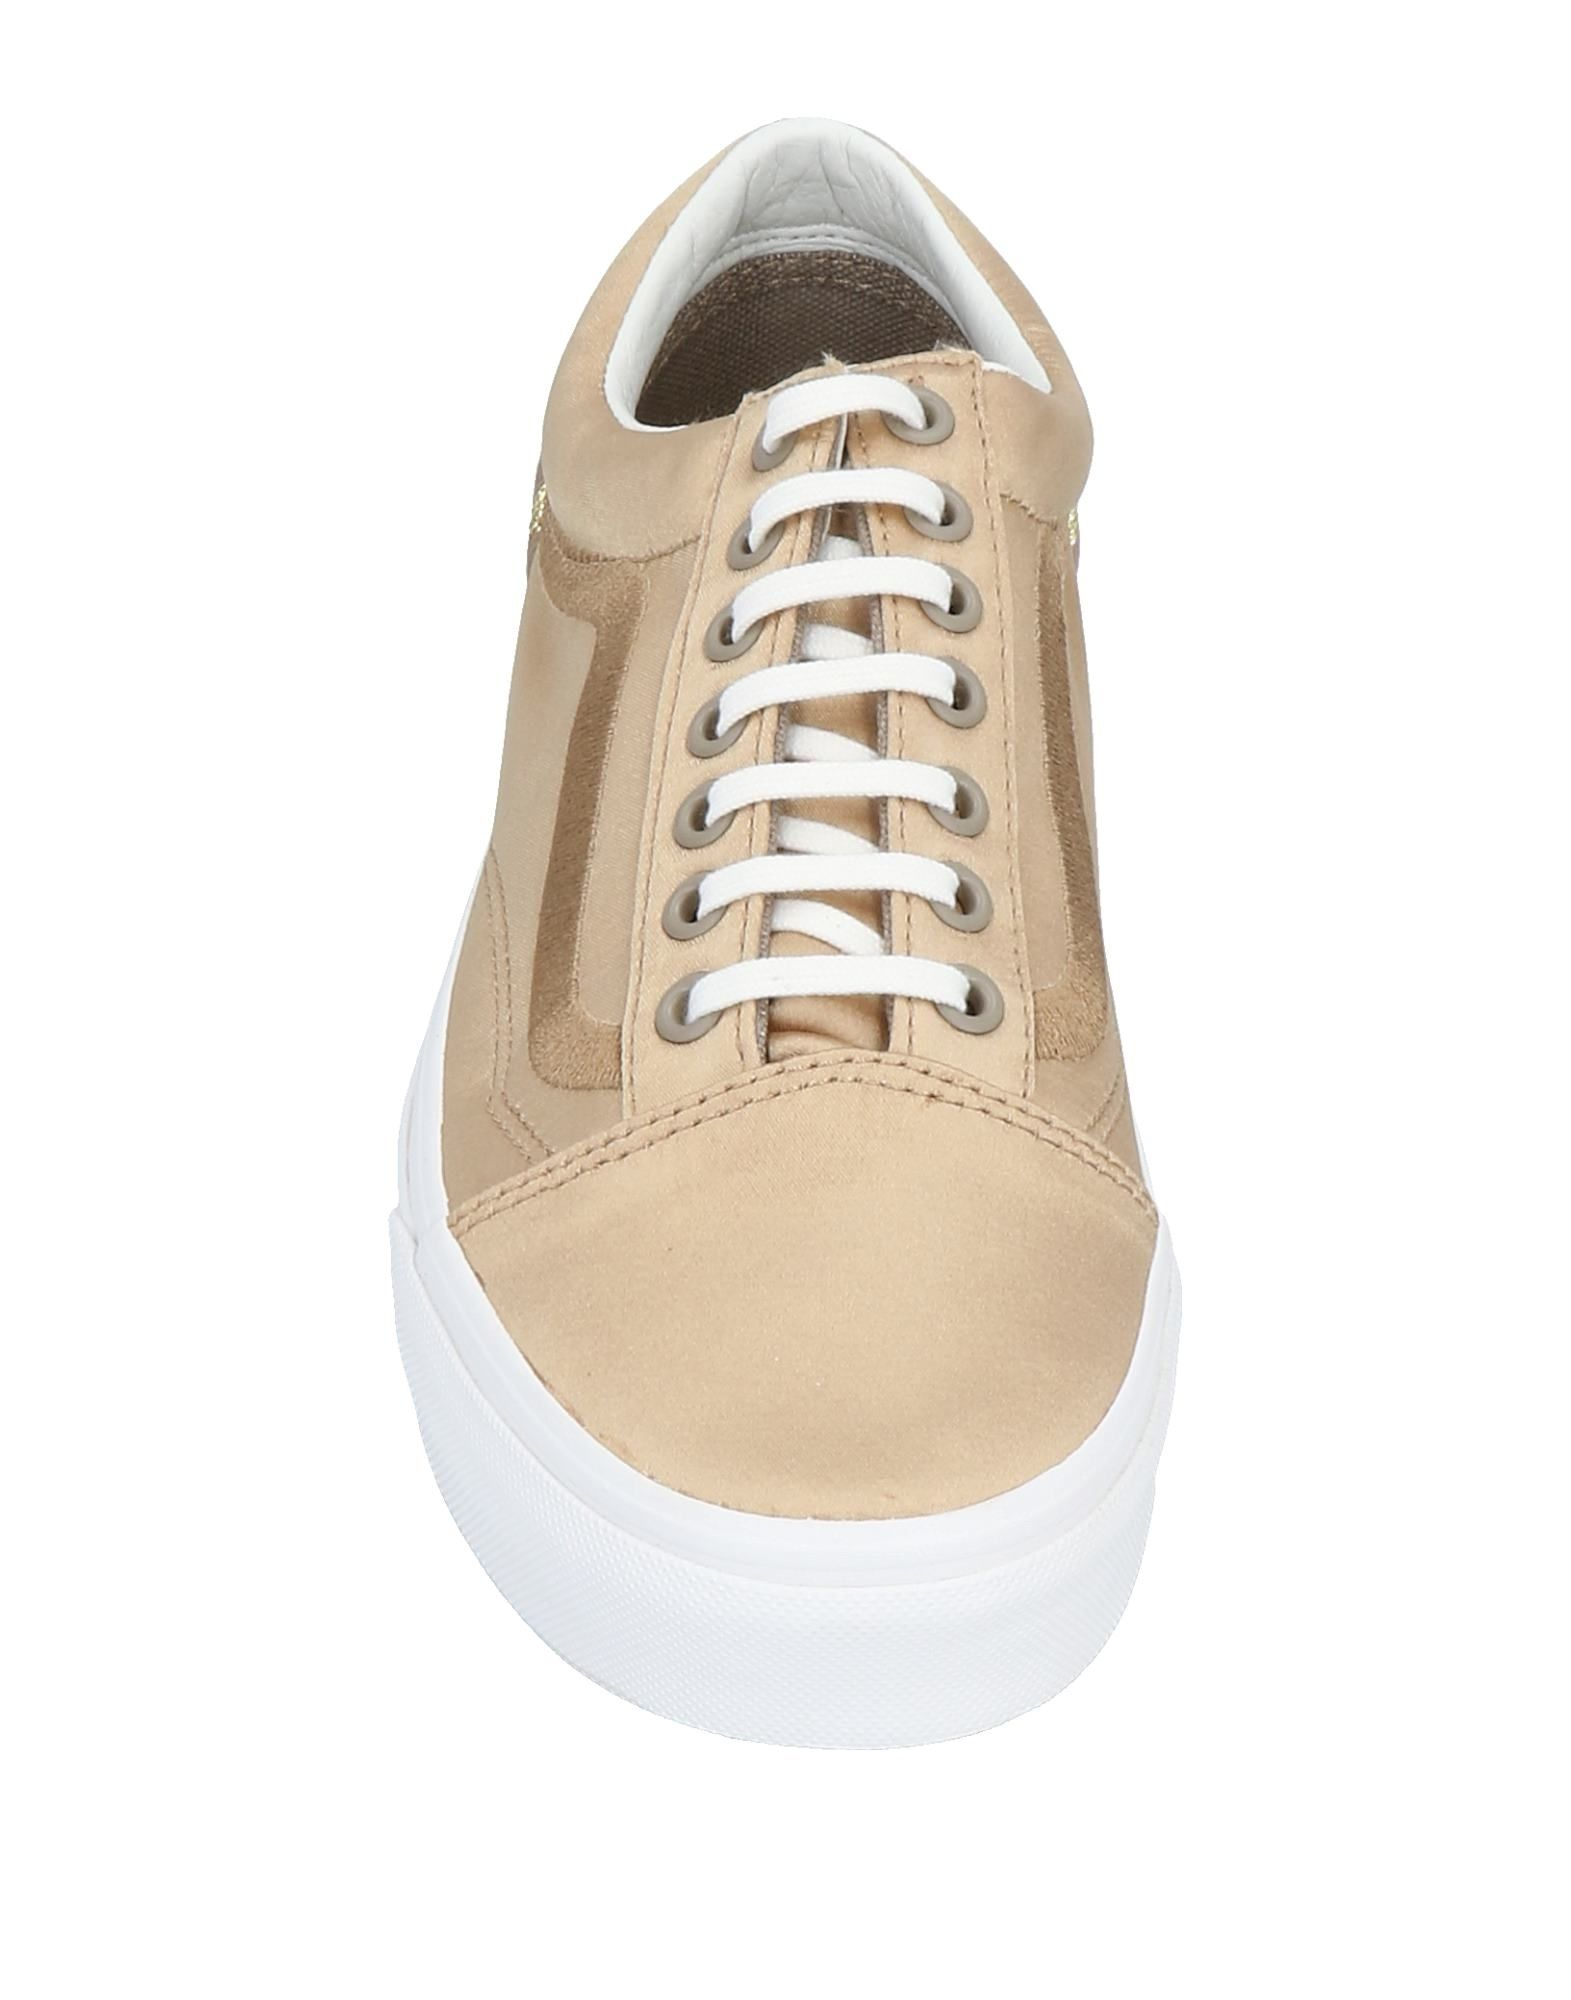 Vans Sneakers Damen Qualität  11490738XD Gute Qualität Damen beliebte Schuhe d54e5e